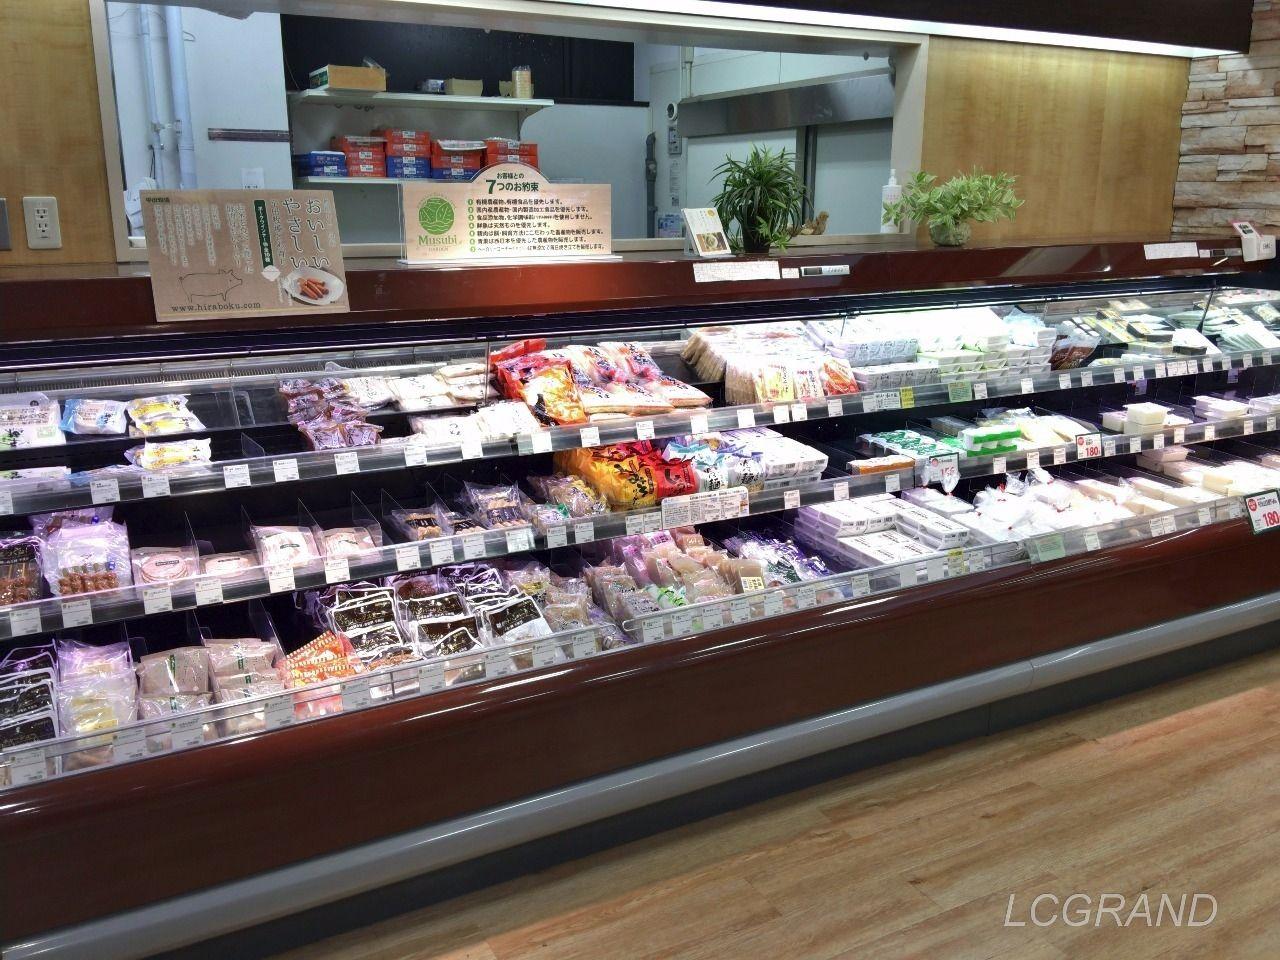 ムズビガーデン桜新町店のお豆腐などを売っているコーナー